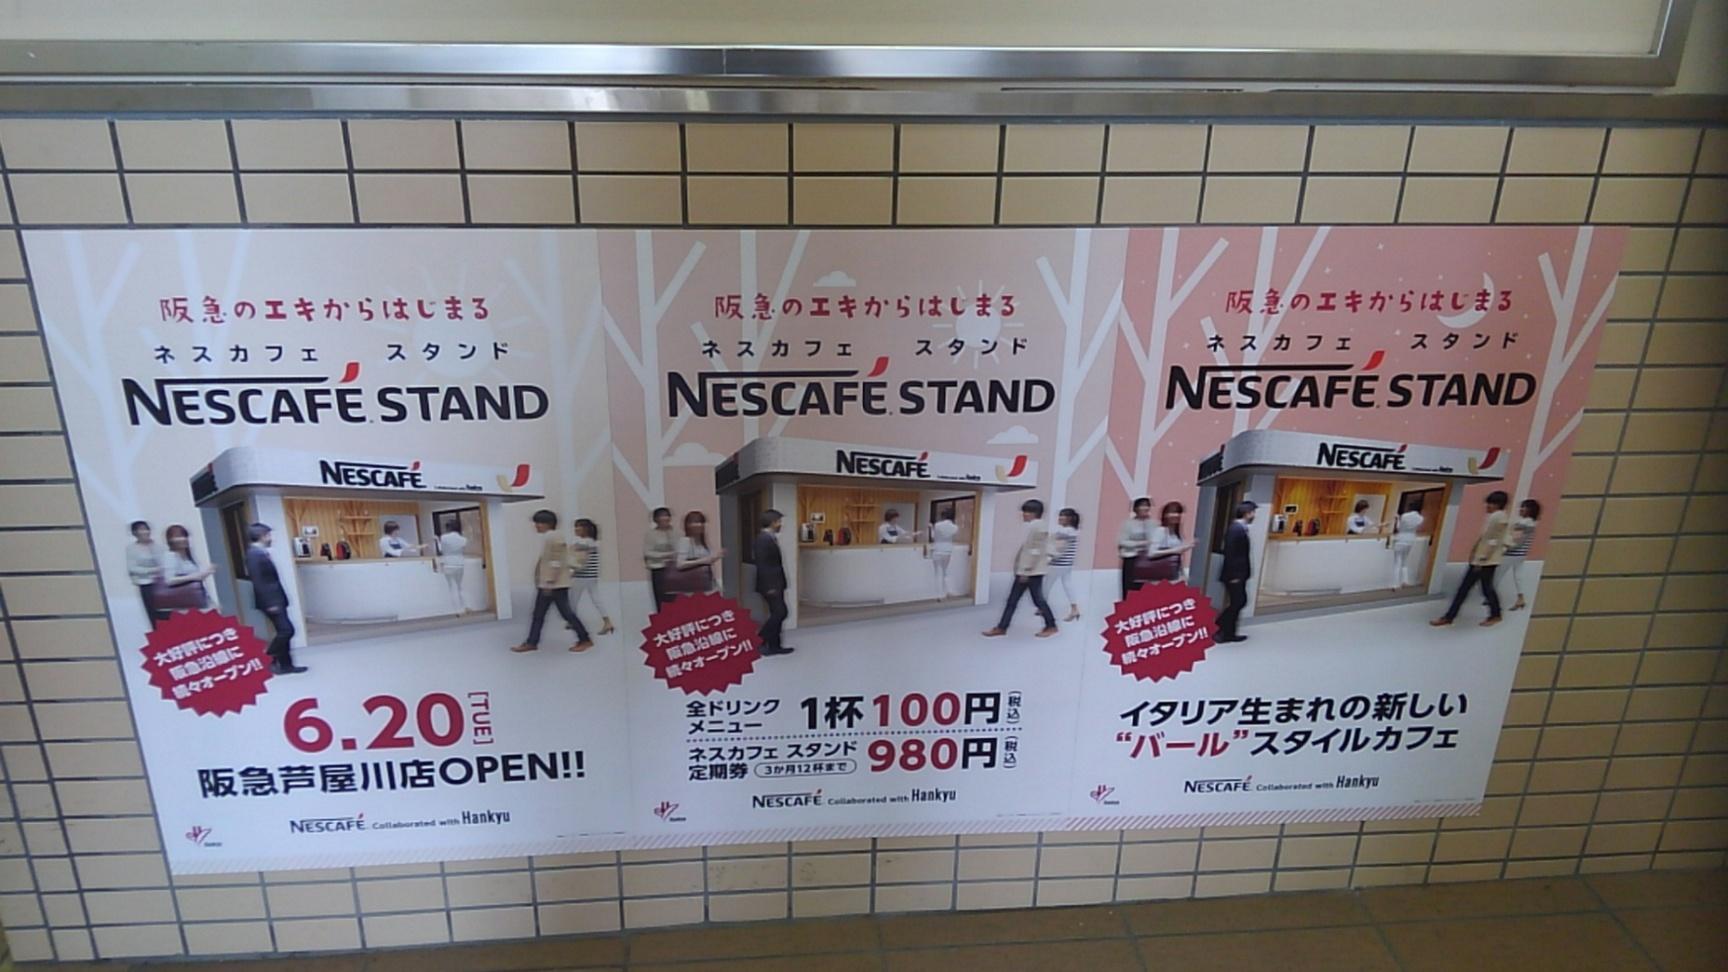 ネスカフェスタンド 阪急芦屋川店